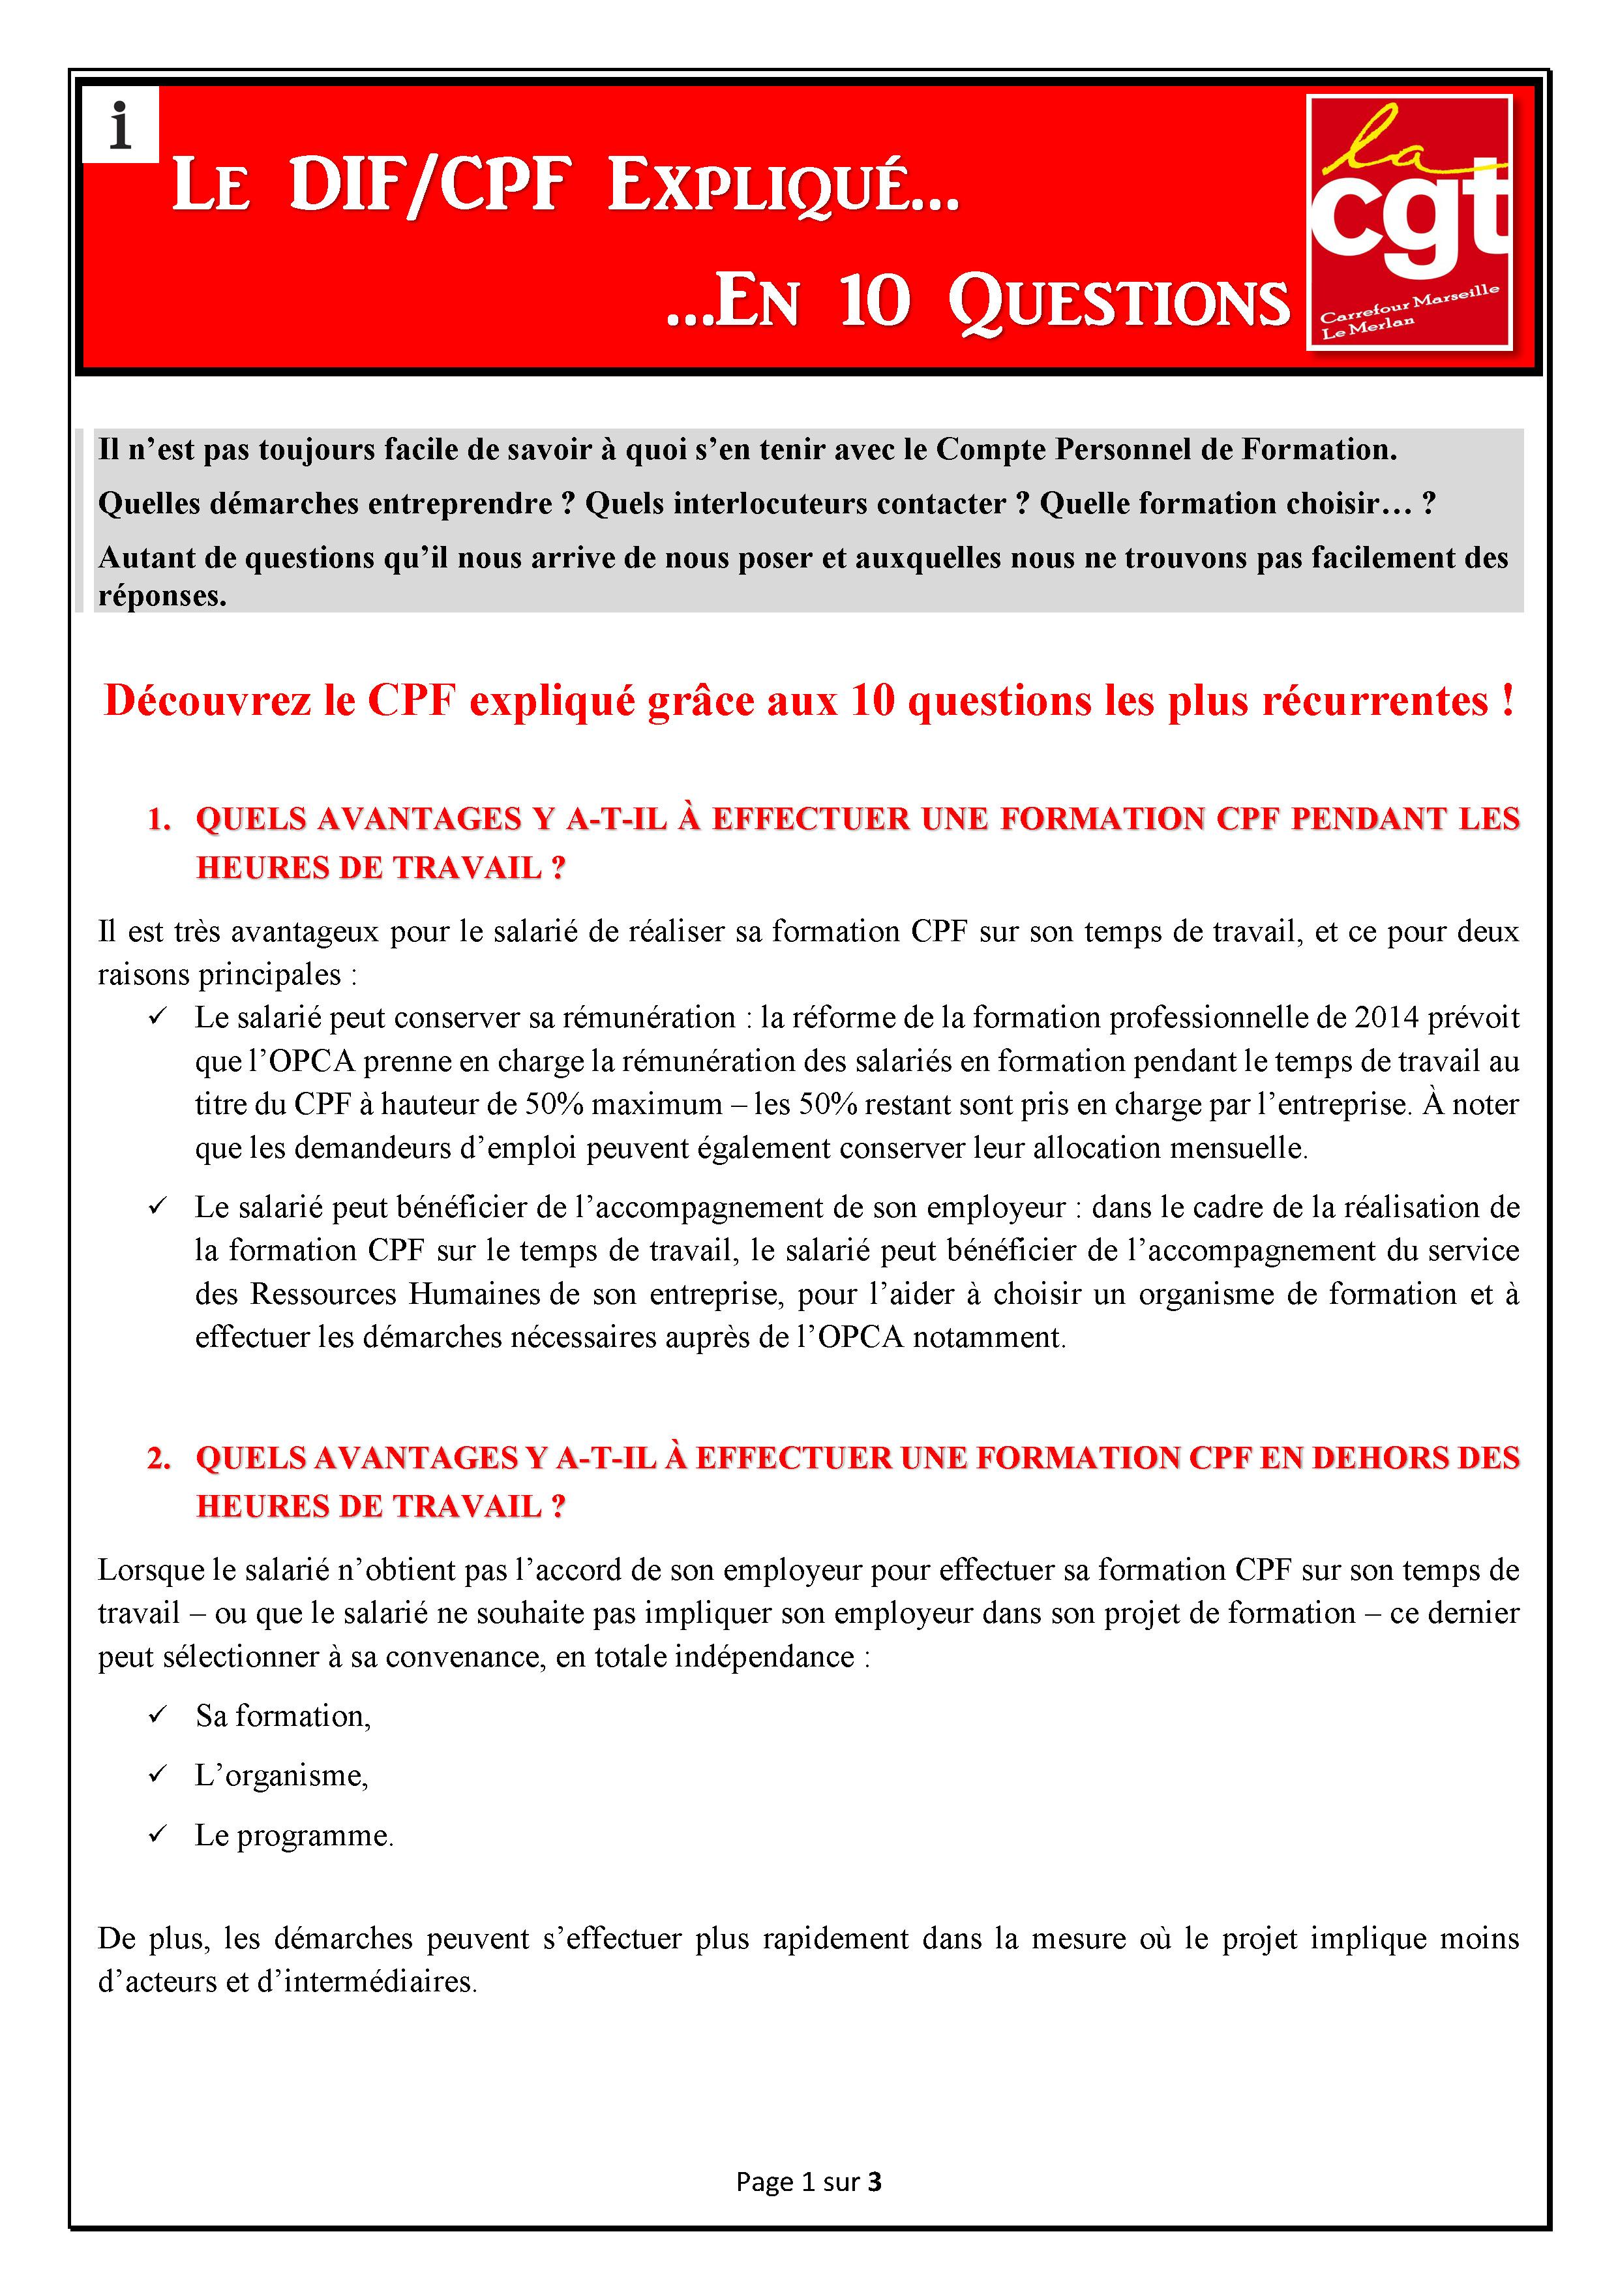 Le DIF/CPF expliqué en 10 Questions